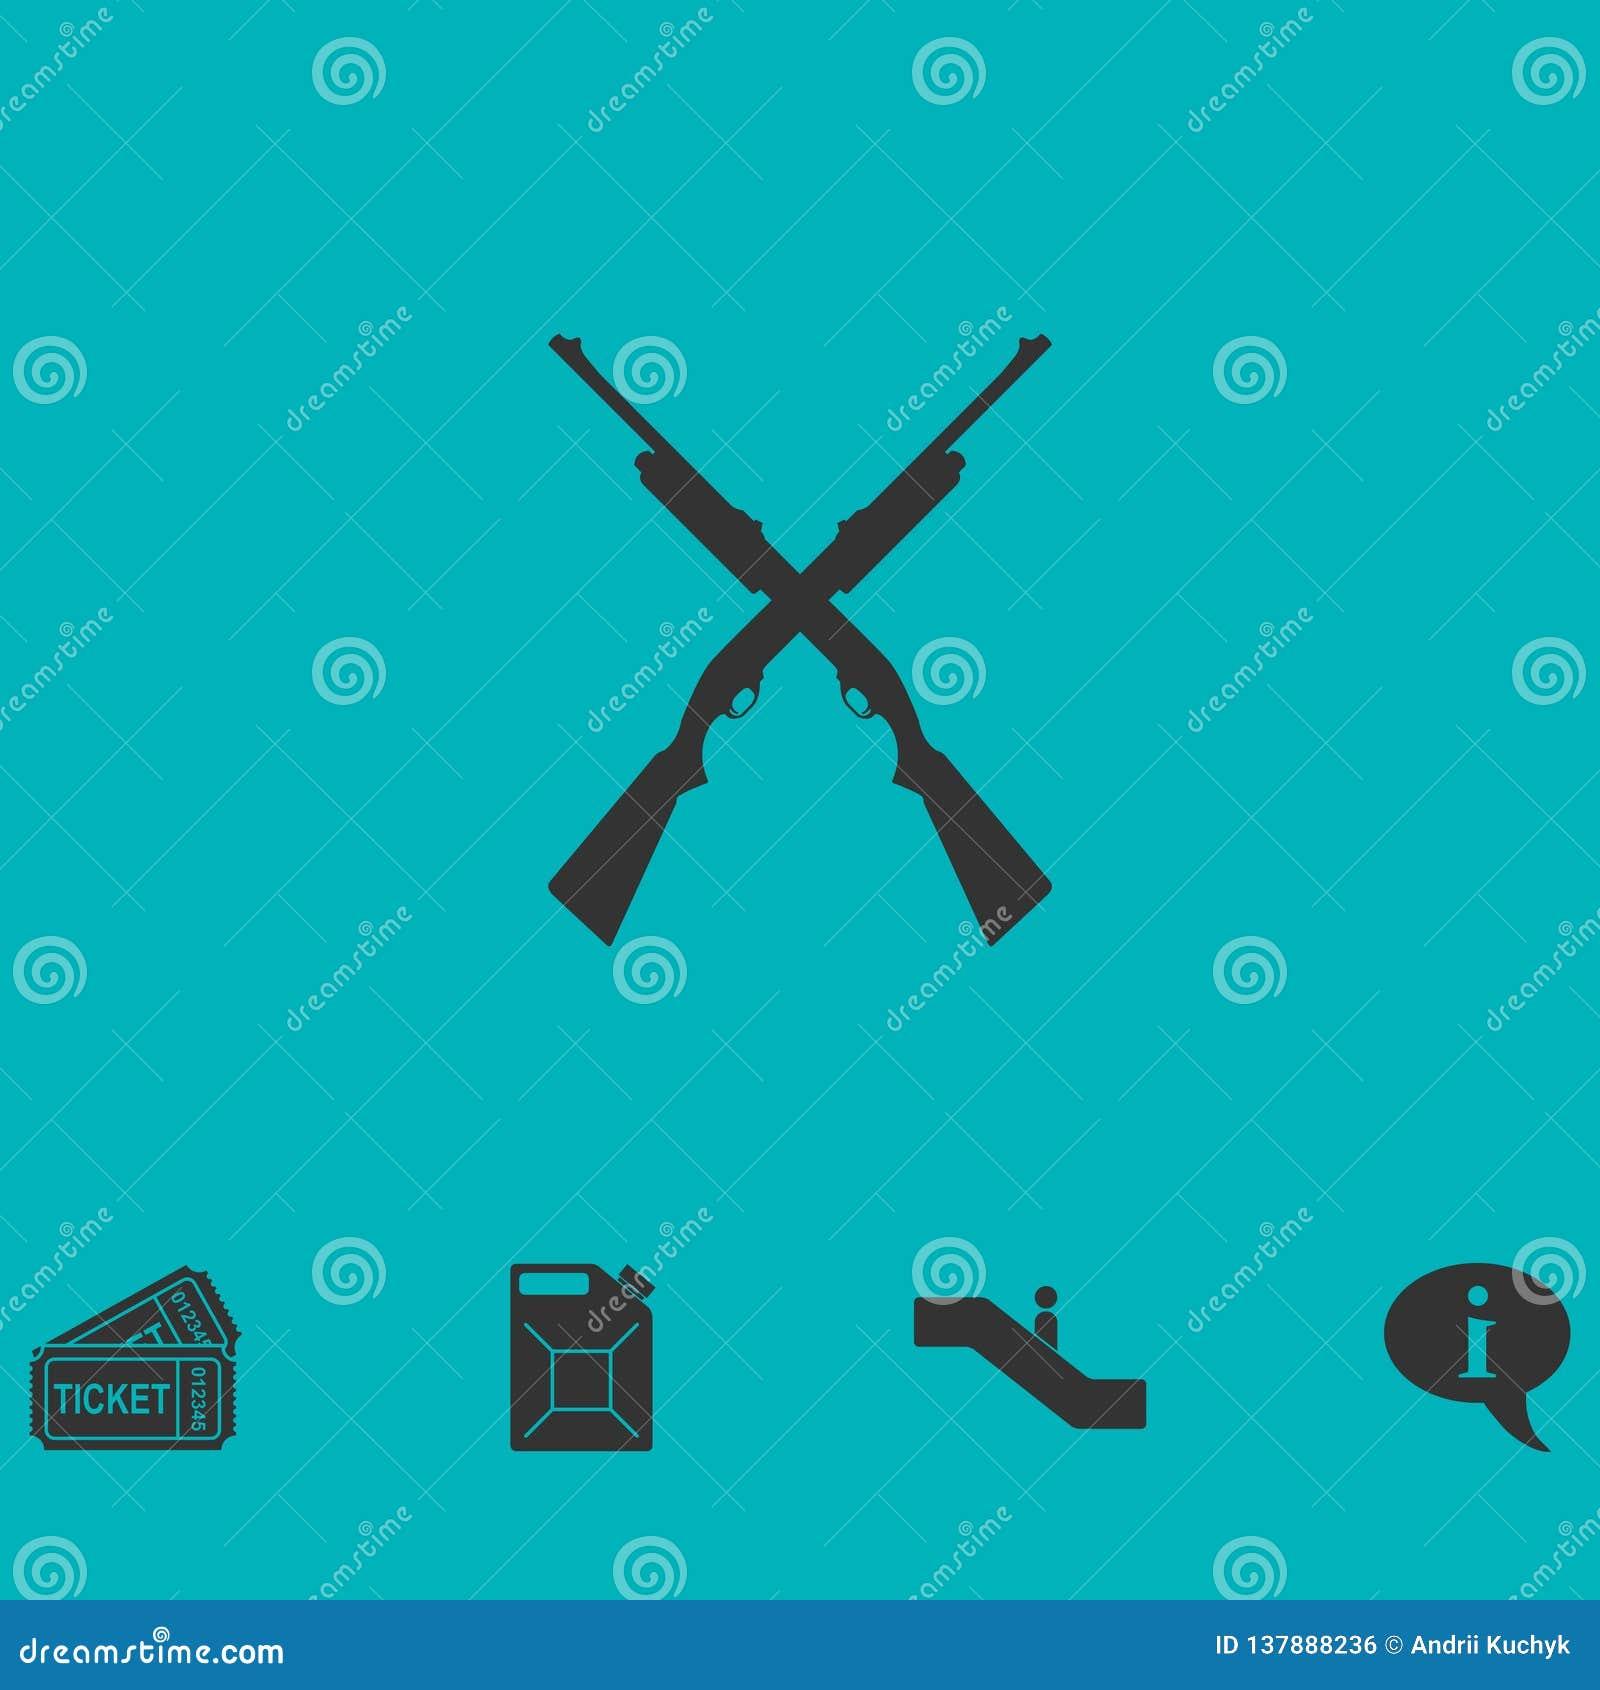 Crossed shotguns, hunting rifles icon flat